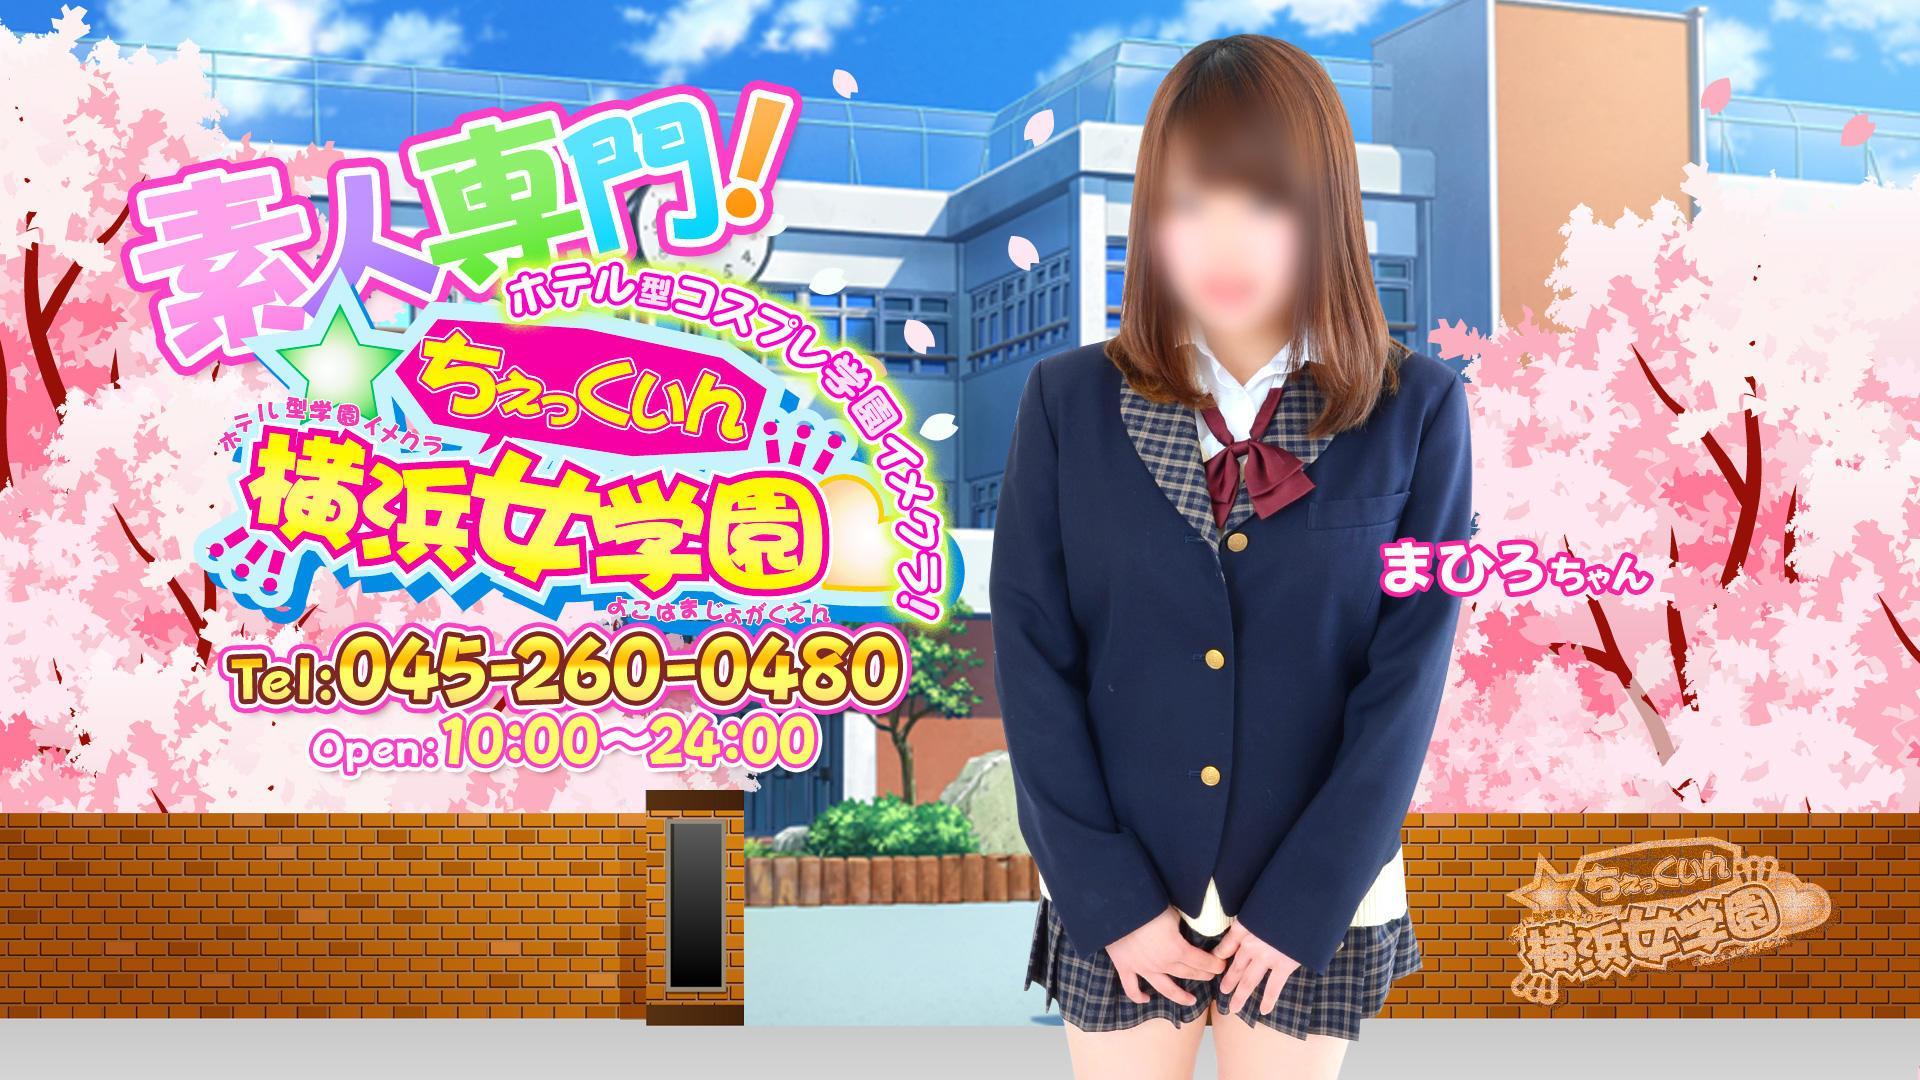 【イメクラ嬢】チェックイン横浜女学園(横浜)